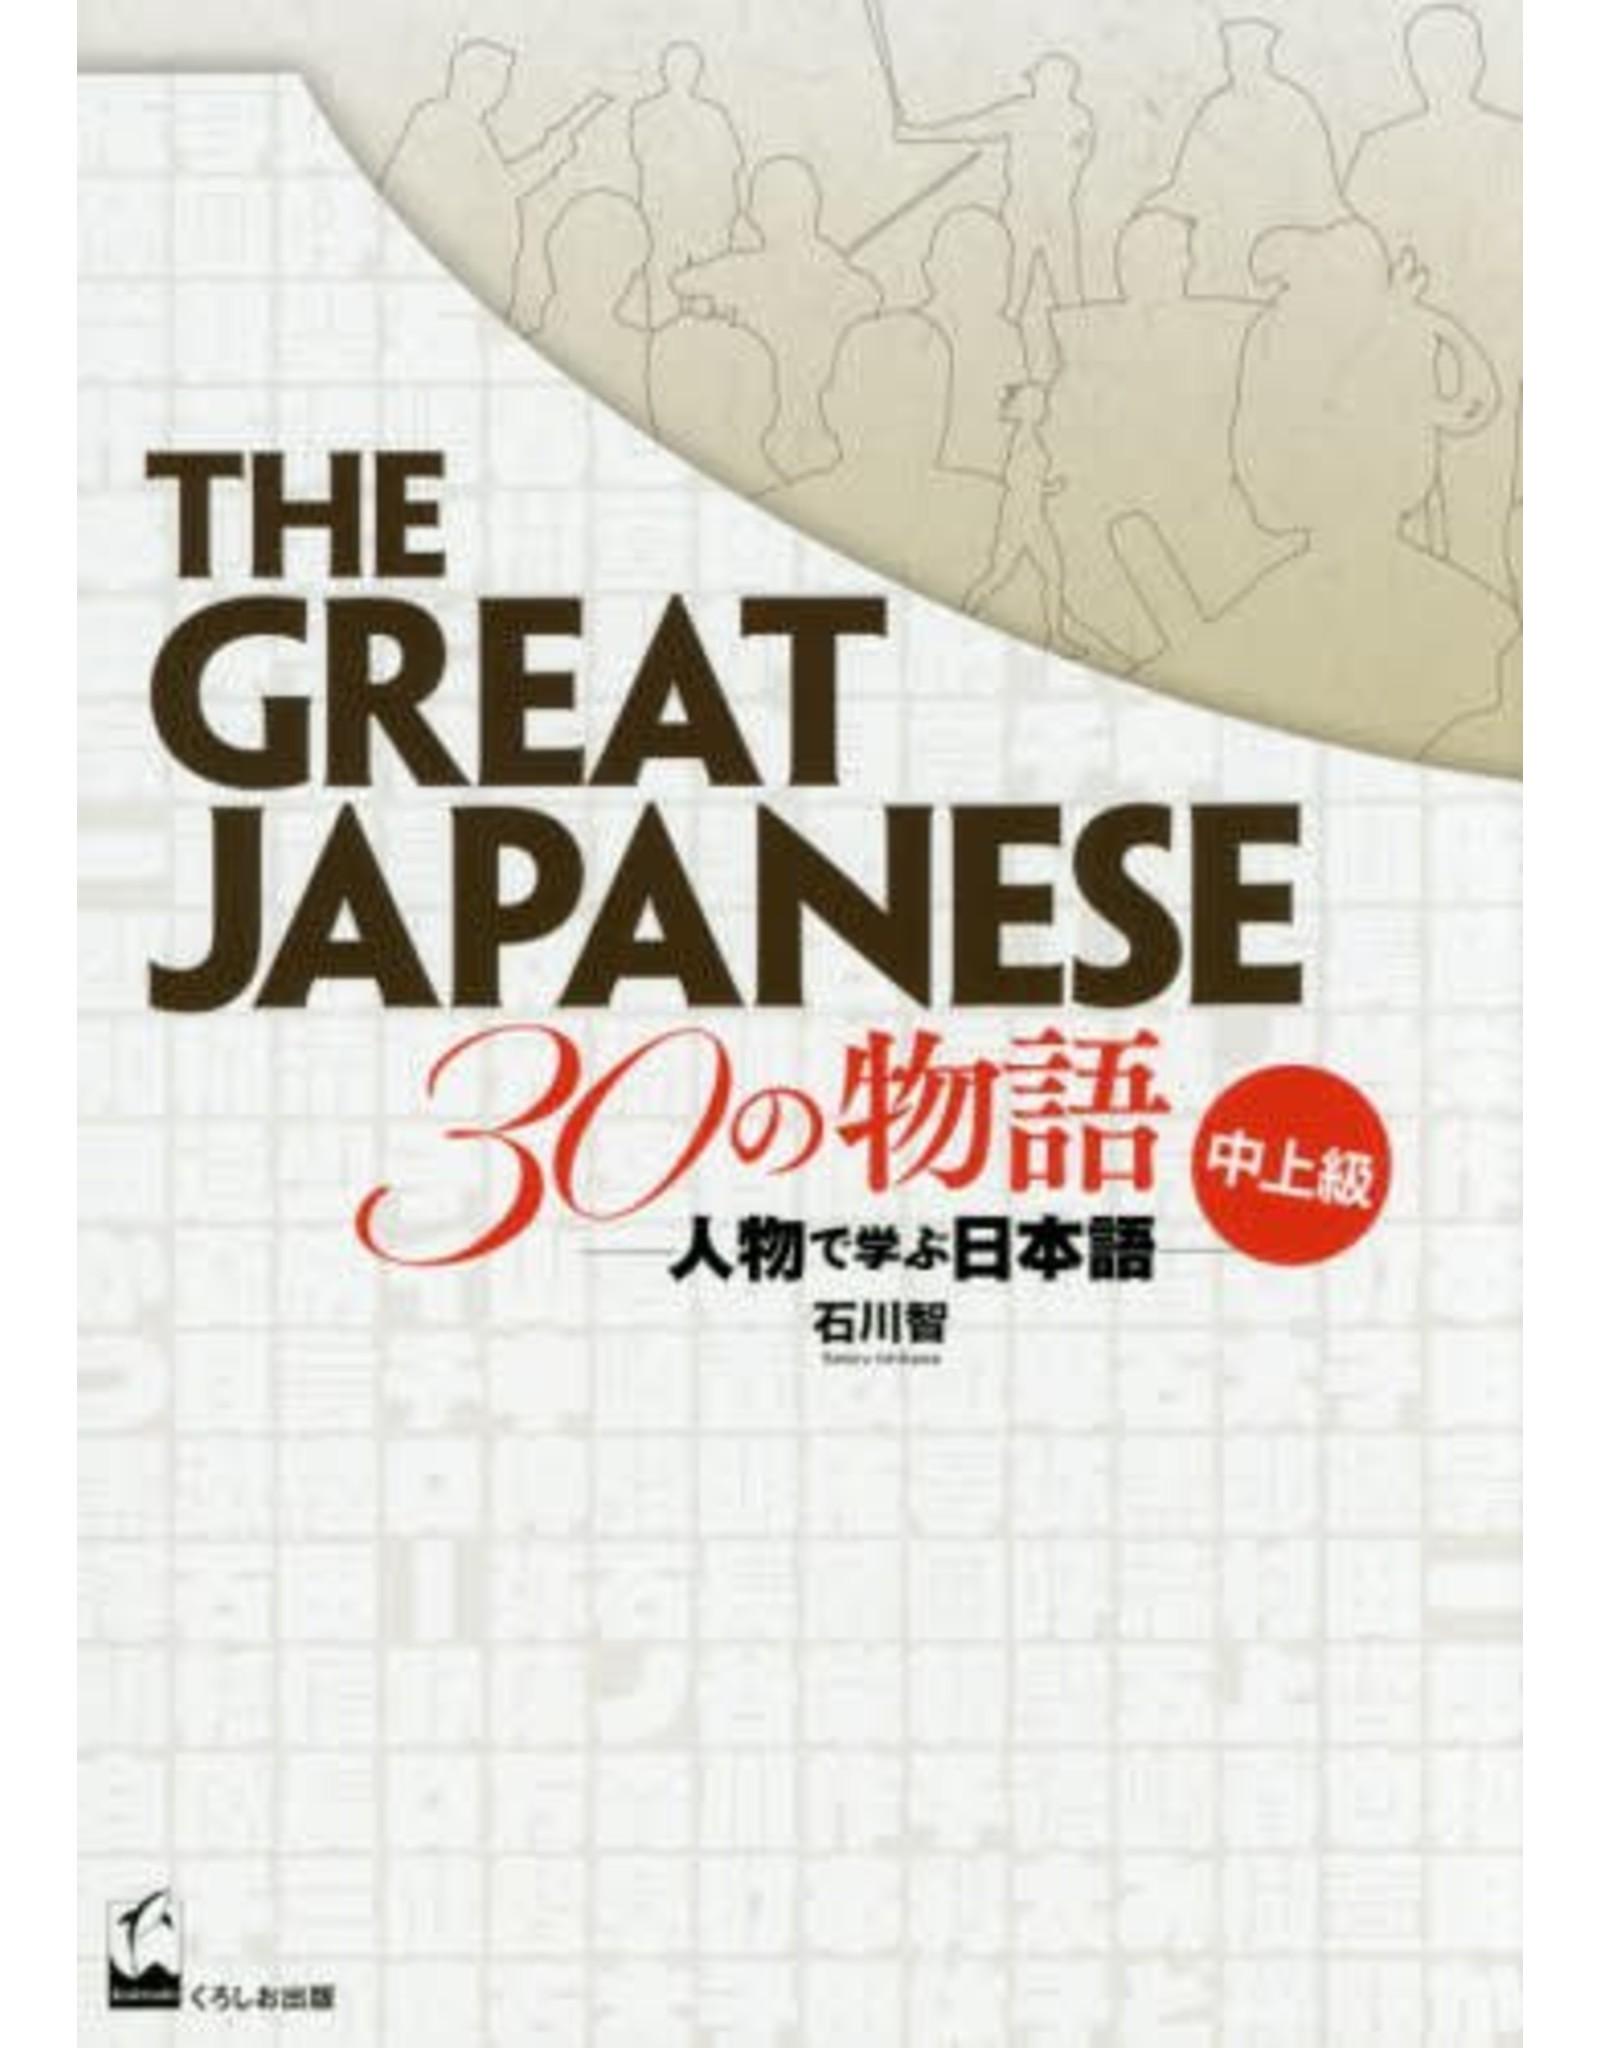 KUROSHIO THE GREAT JAPANESE 30 NO MONOGATARI CHUJYOKYU